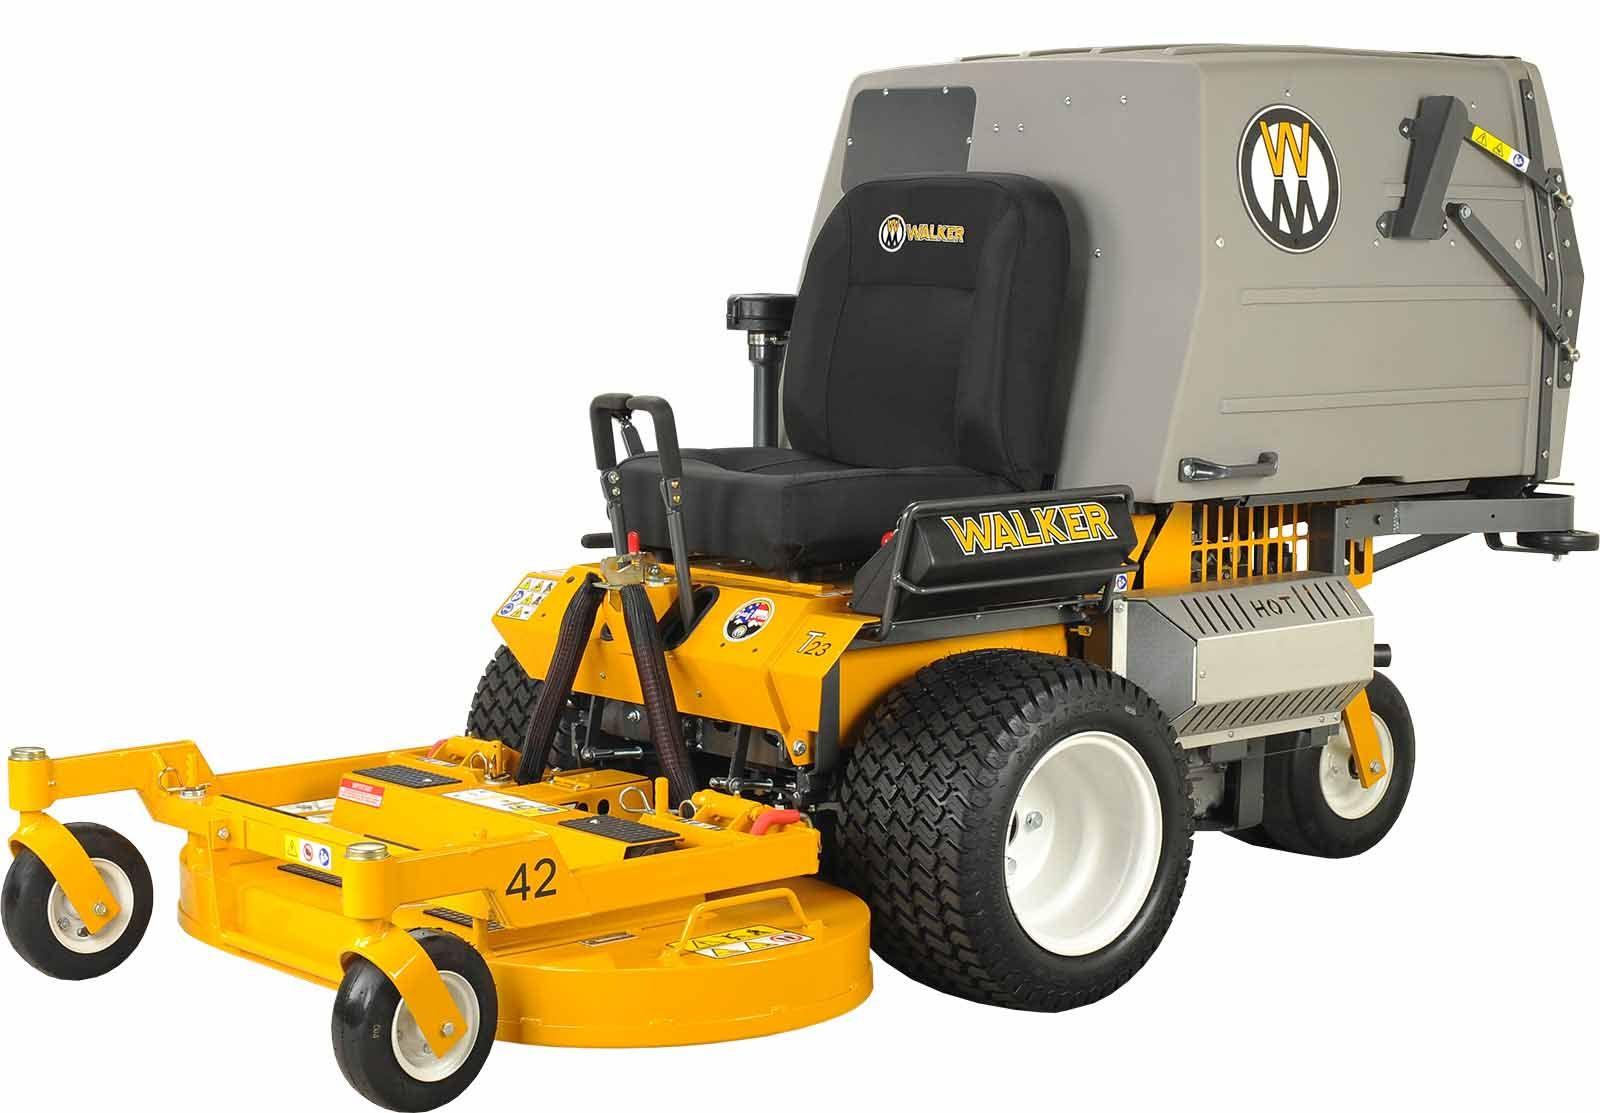 Walker Mower MT23GHS grass handling